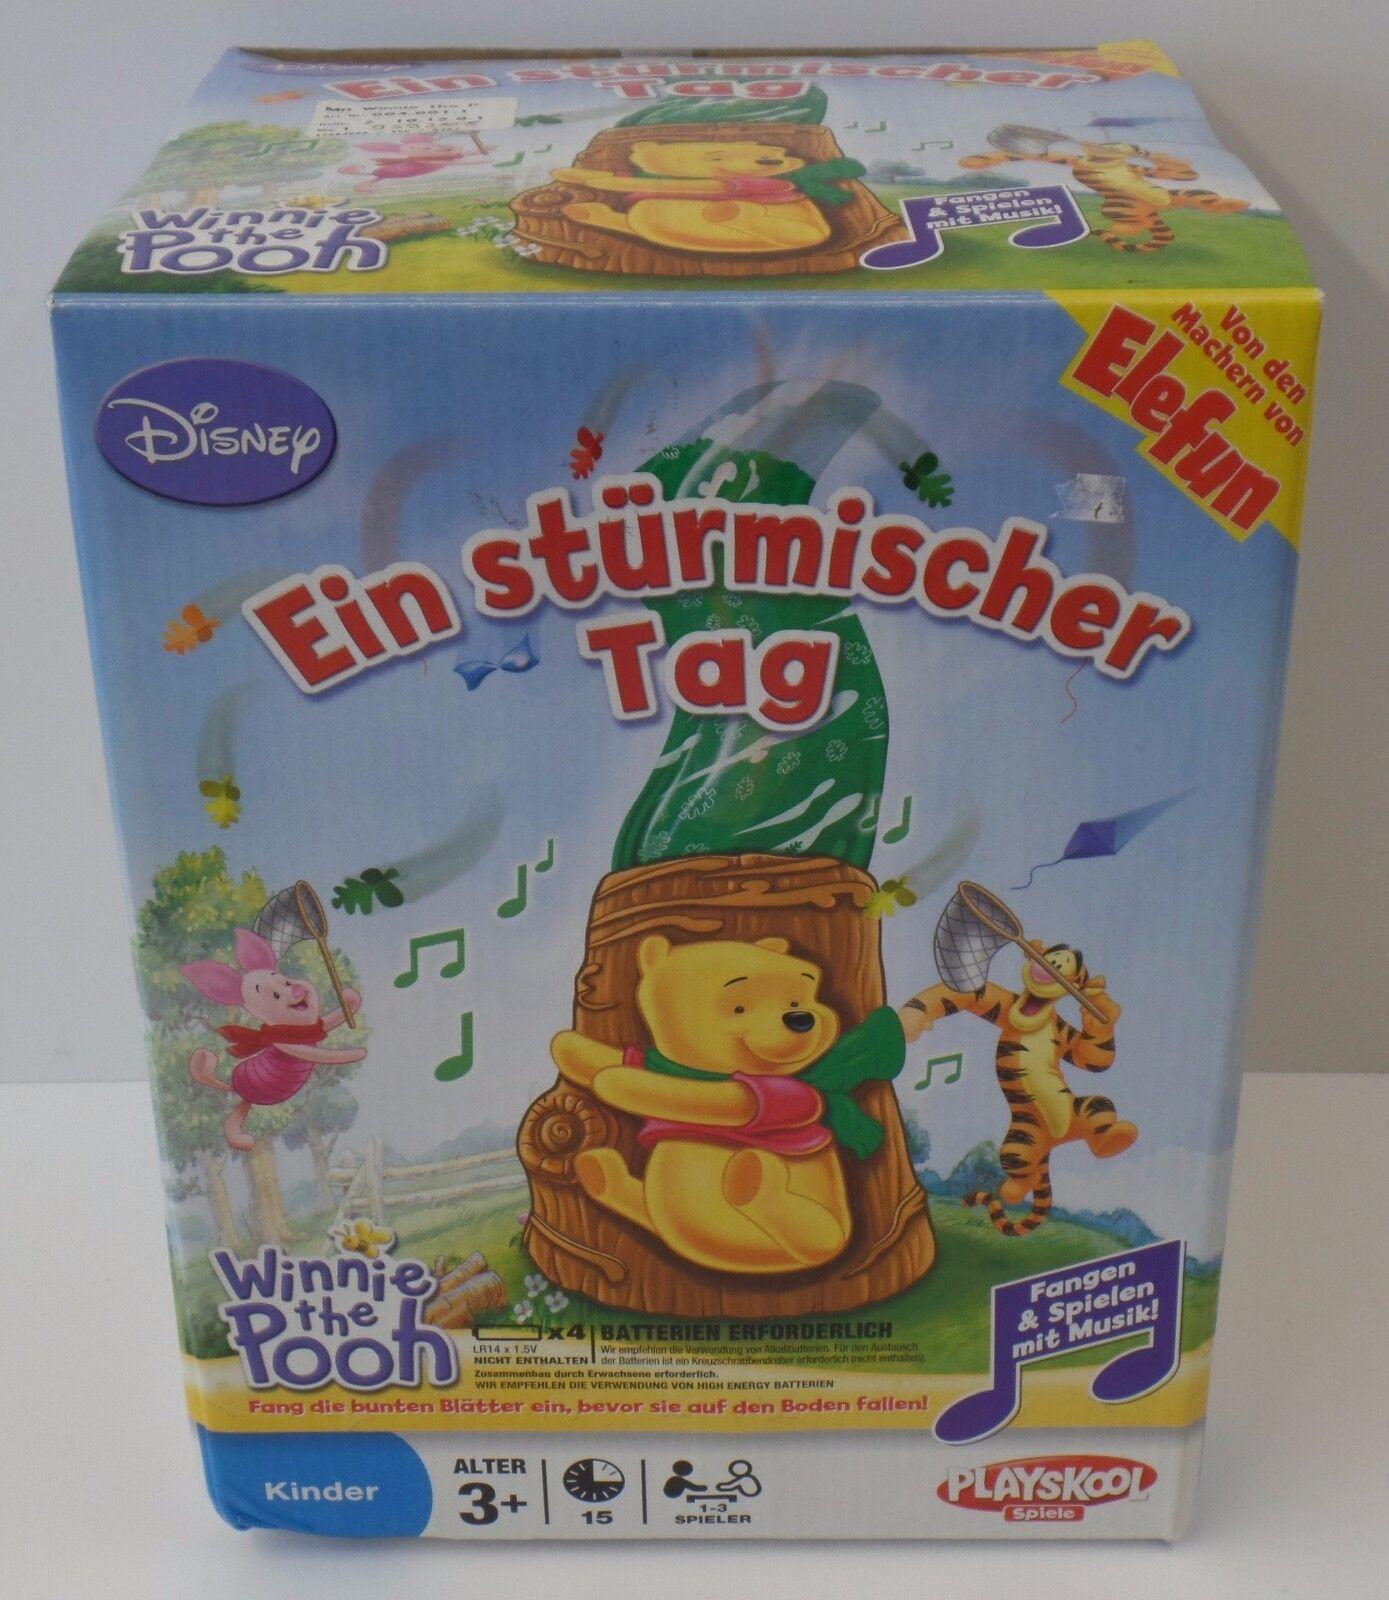 Hasbro - Playskool - Winnie Pooh Pooh Pooh ein strümischer Tag - NEU NEW 1d803a